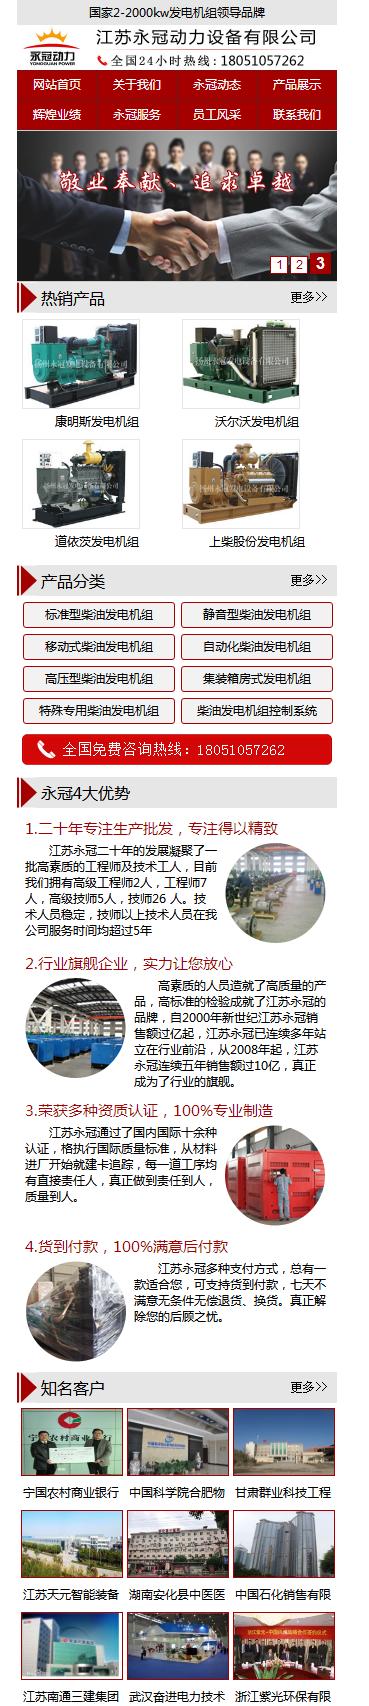 机械行业-江苏永冠动力手机站案例